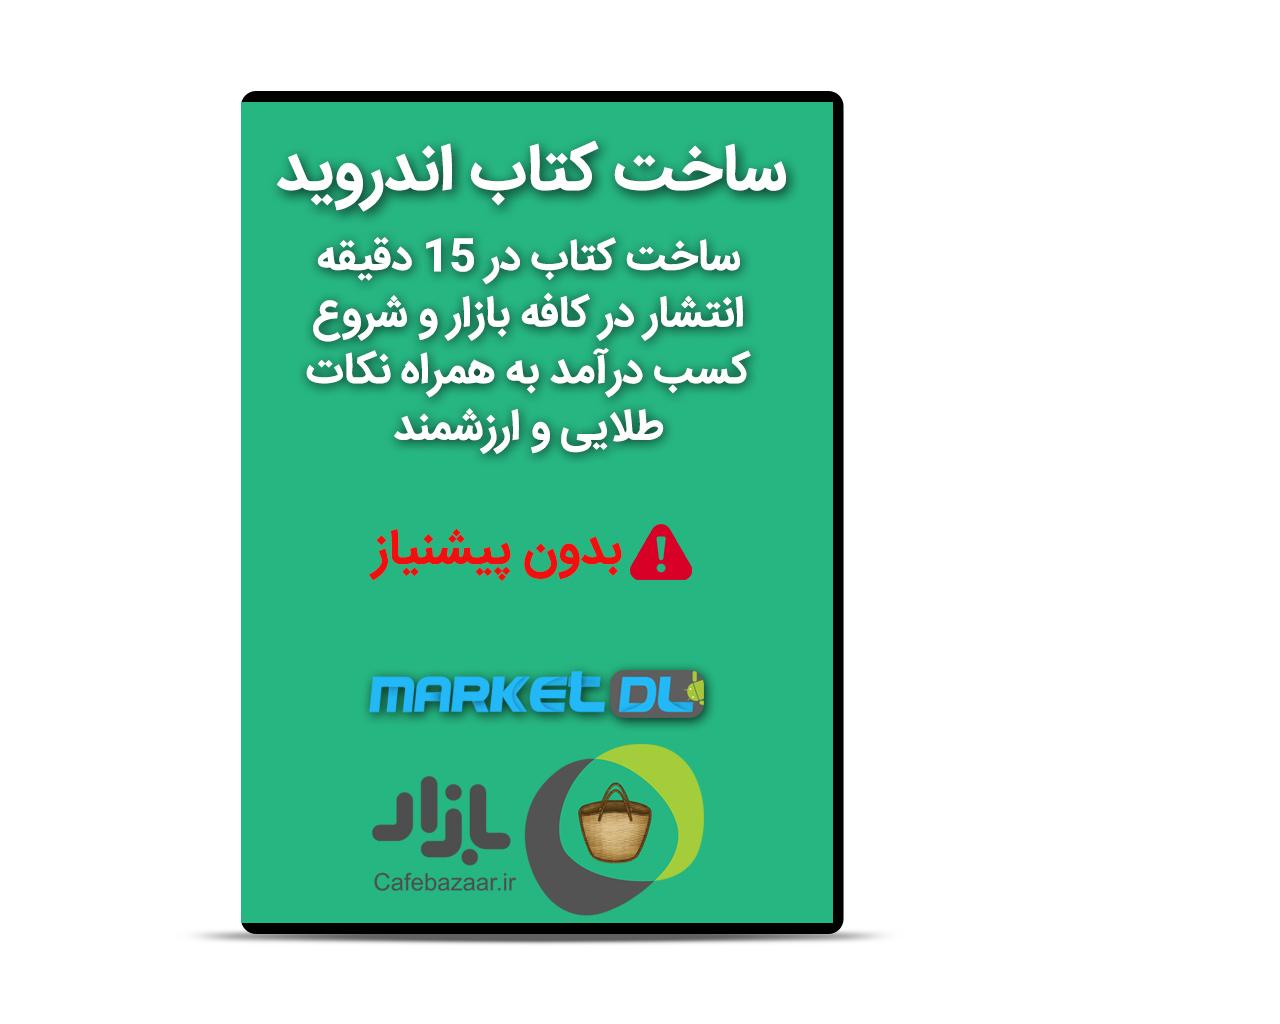 ساخت و انتشار کتاب اندروید در کافه بازار